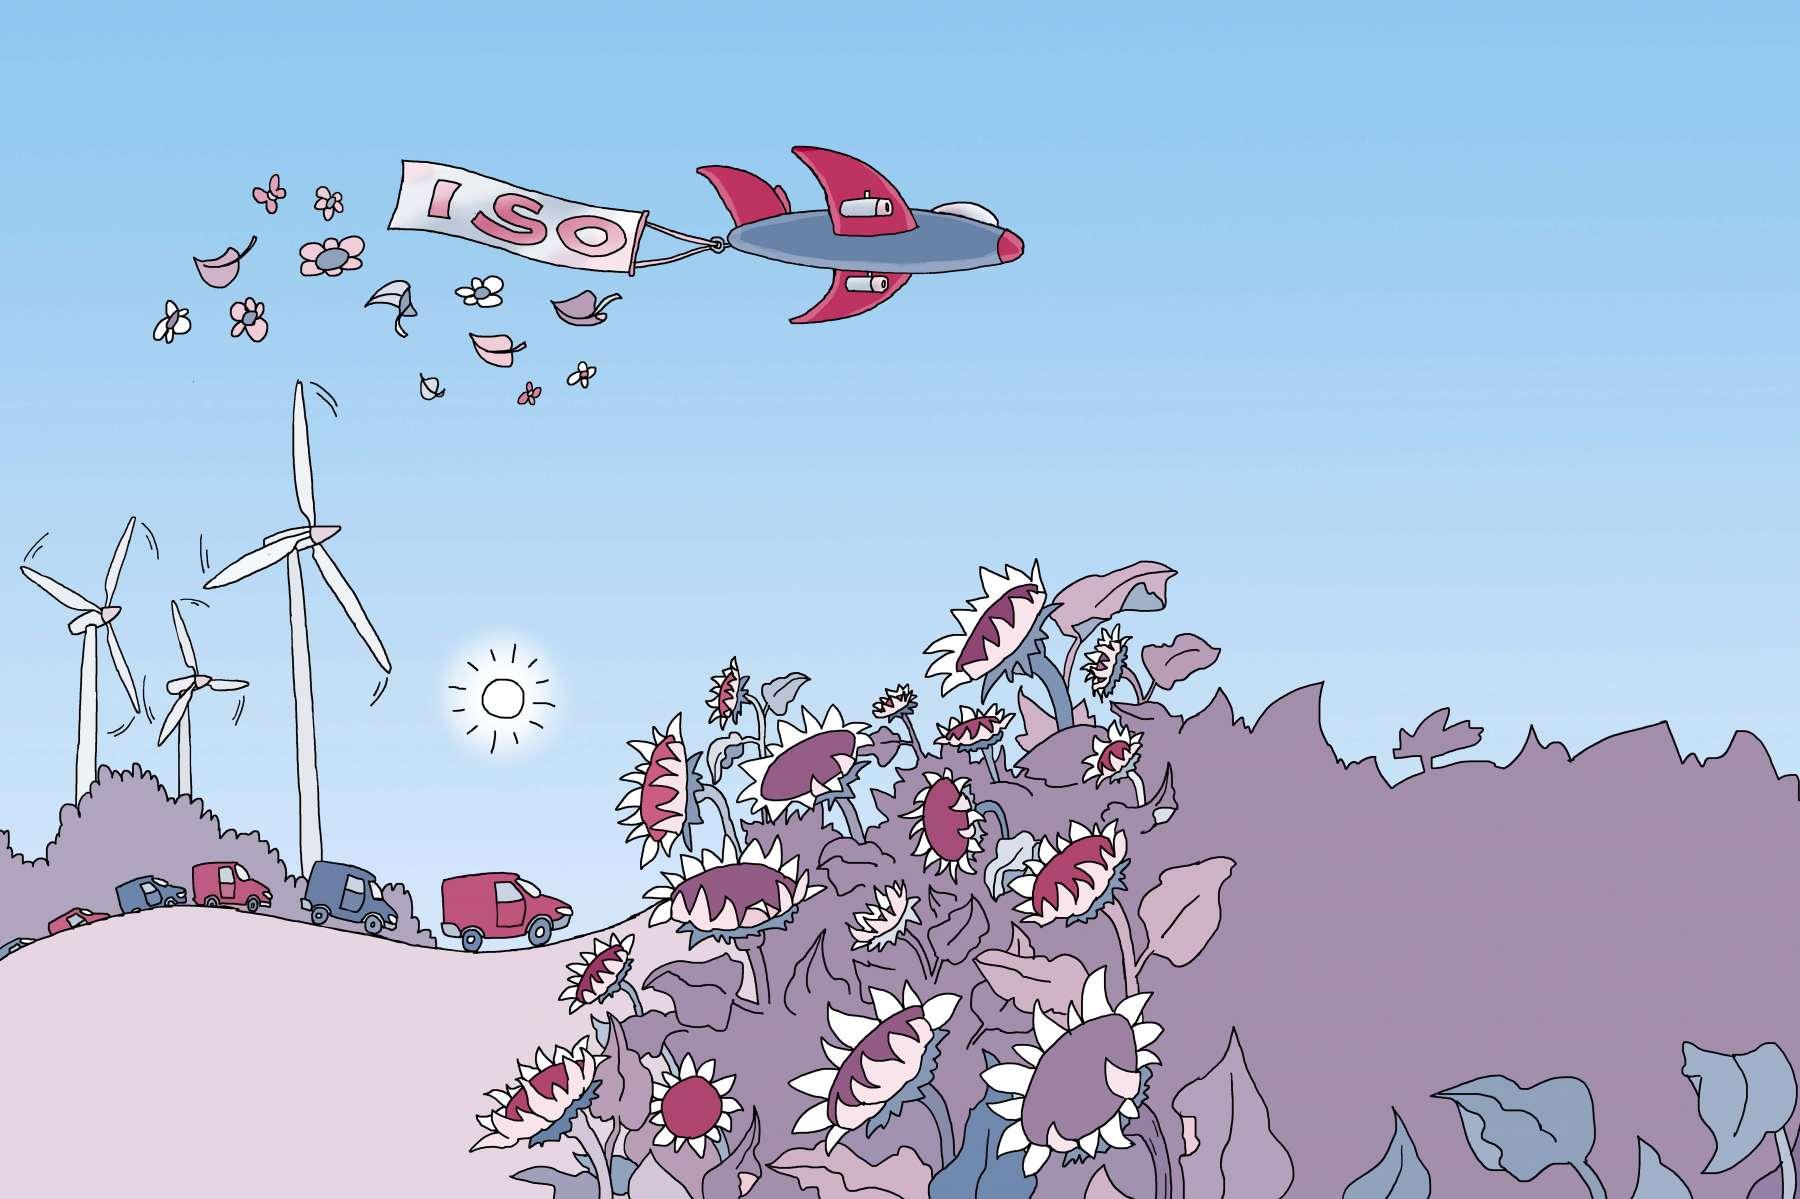 Certificaat voor groene bedrijfsvoering wordt toegekend.<br>Jubileumboek, een vliegtuig neemt de kijkers mee door 20 spreads. <br>Valveco Barendrecht - bedrijf in afsluiters voor de scheepsvaartsector